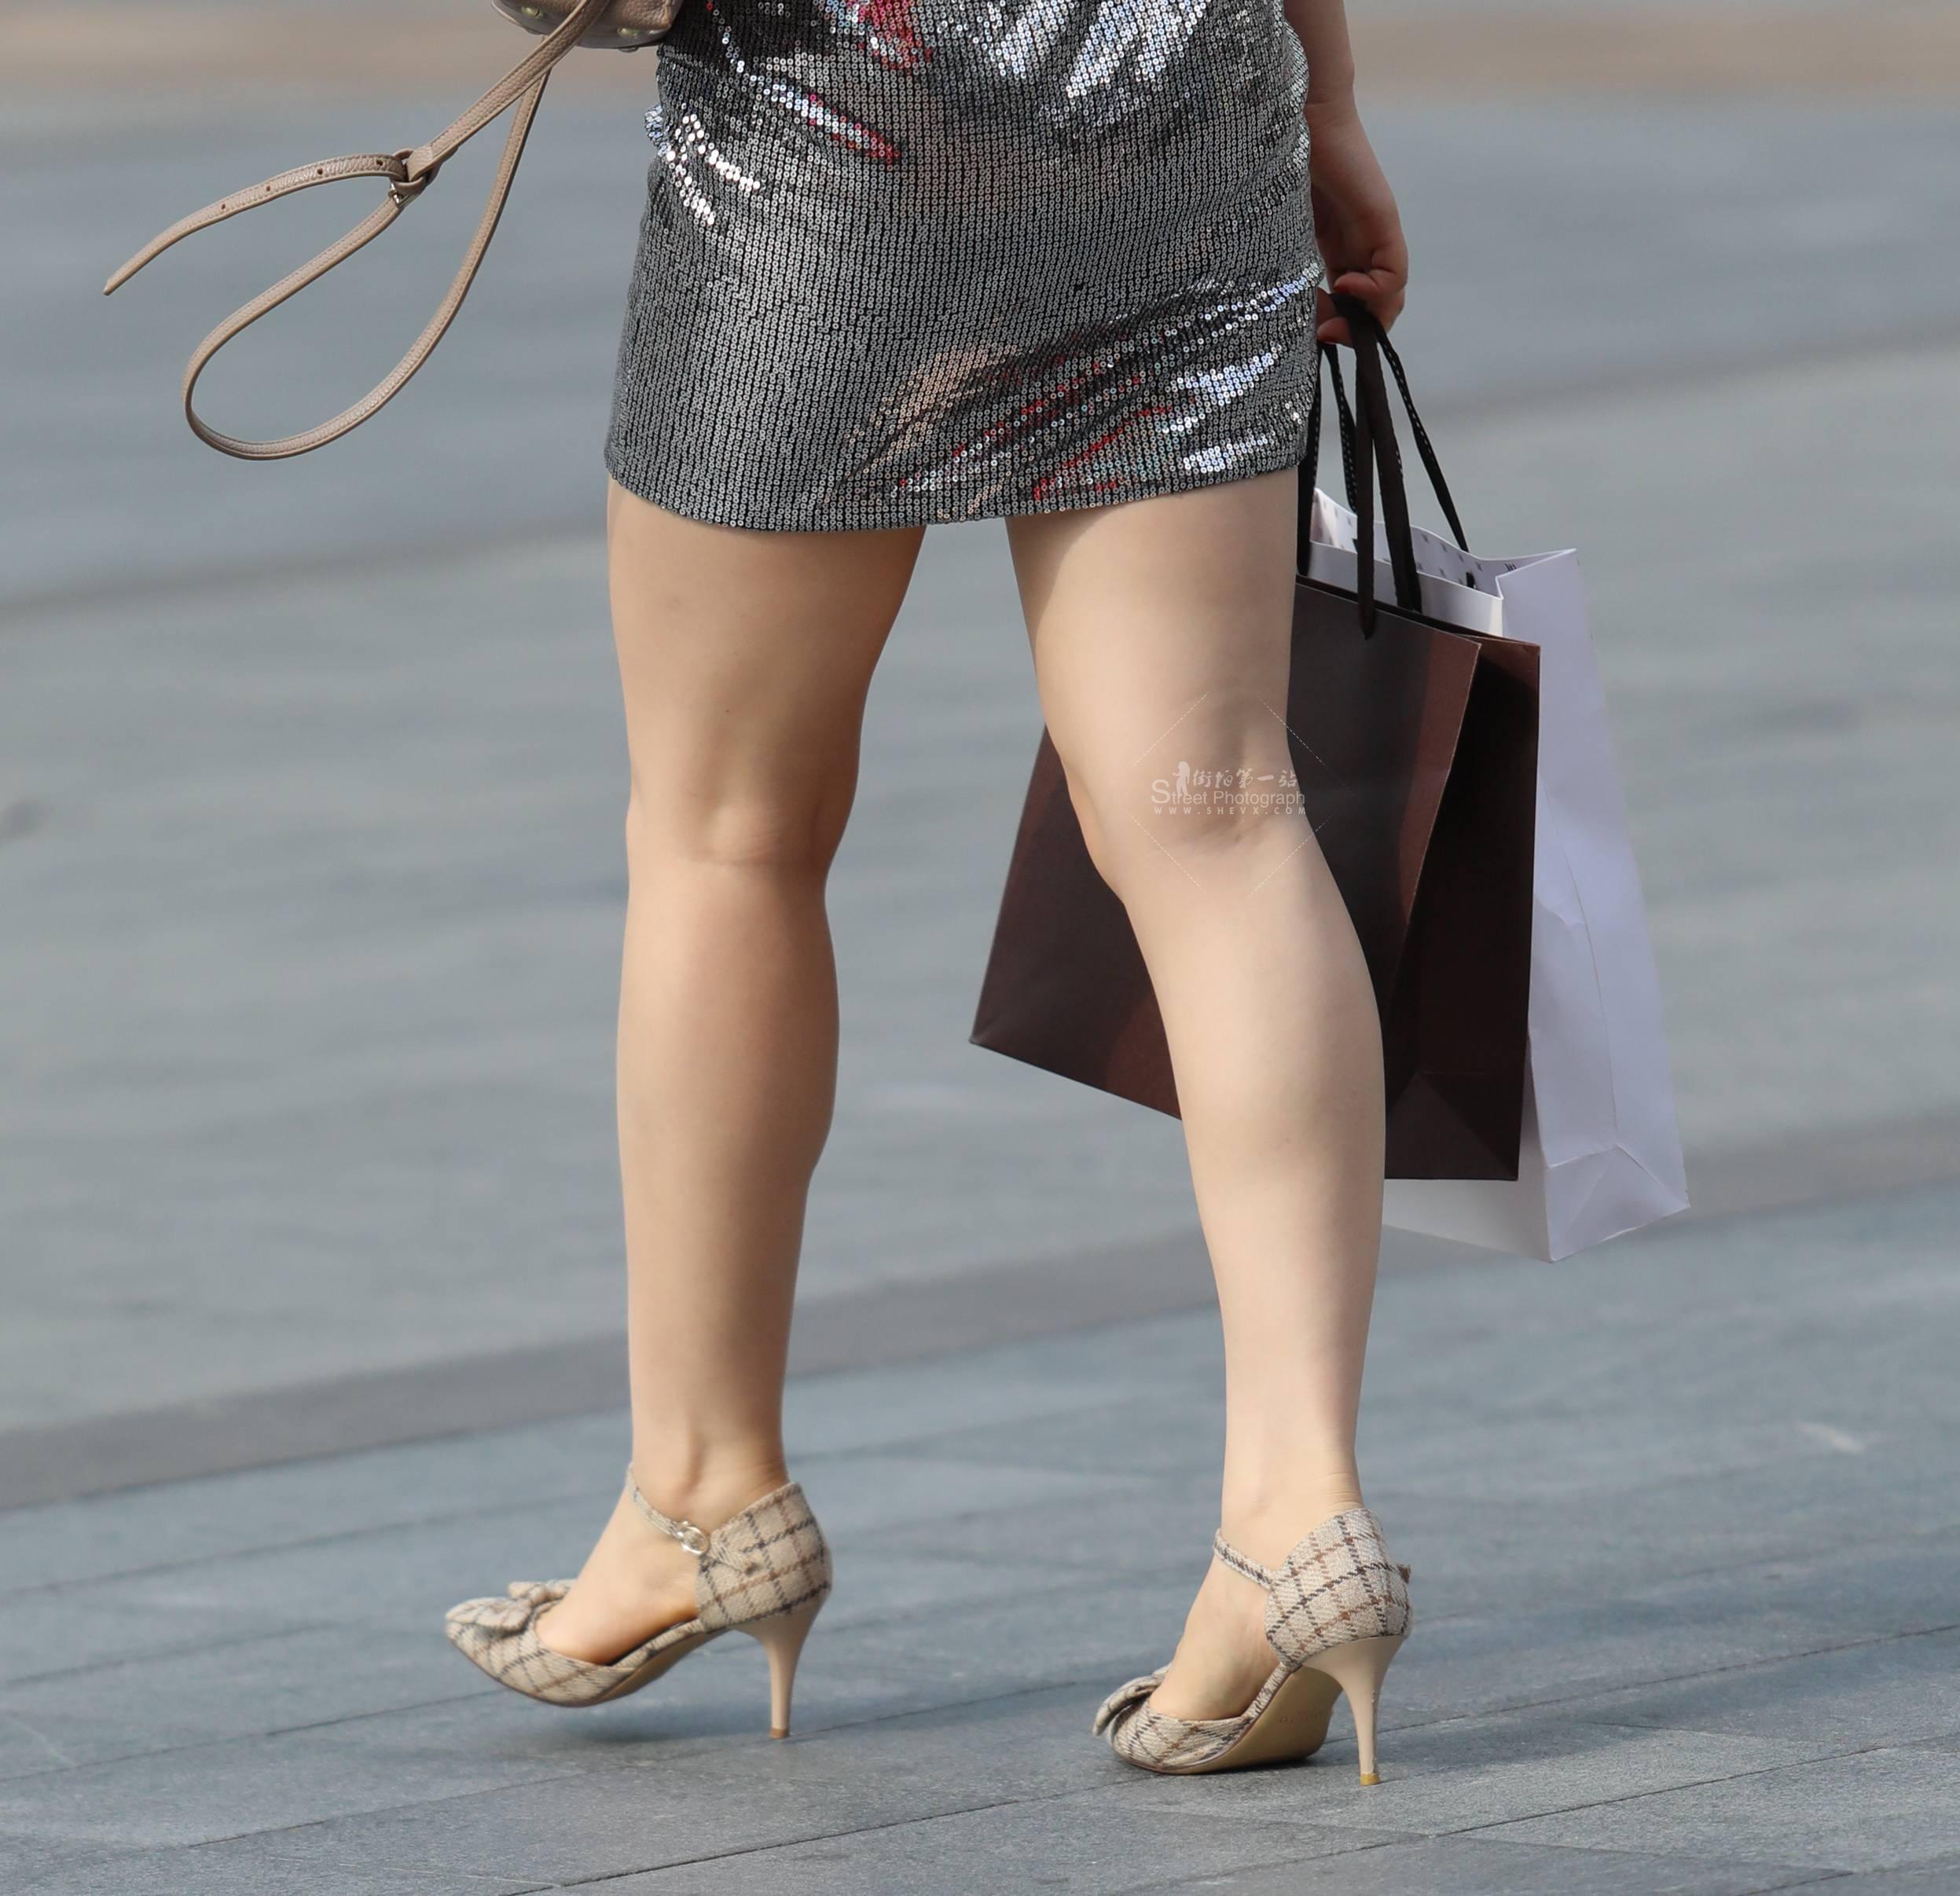 街拍包臀裙,街拍高跟,街拍包臀 【珏一笑而过】诱惑高跟 包臀裙 最新街拍丝袜图片 街拍丝袜第一站